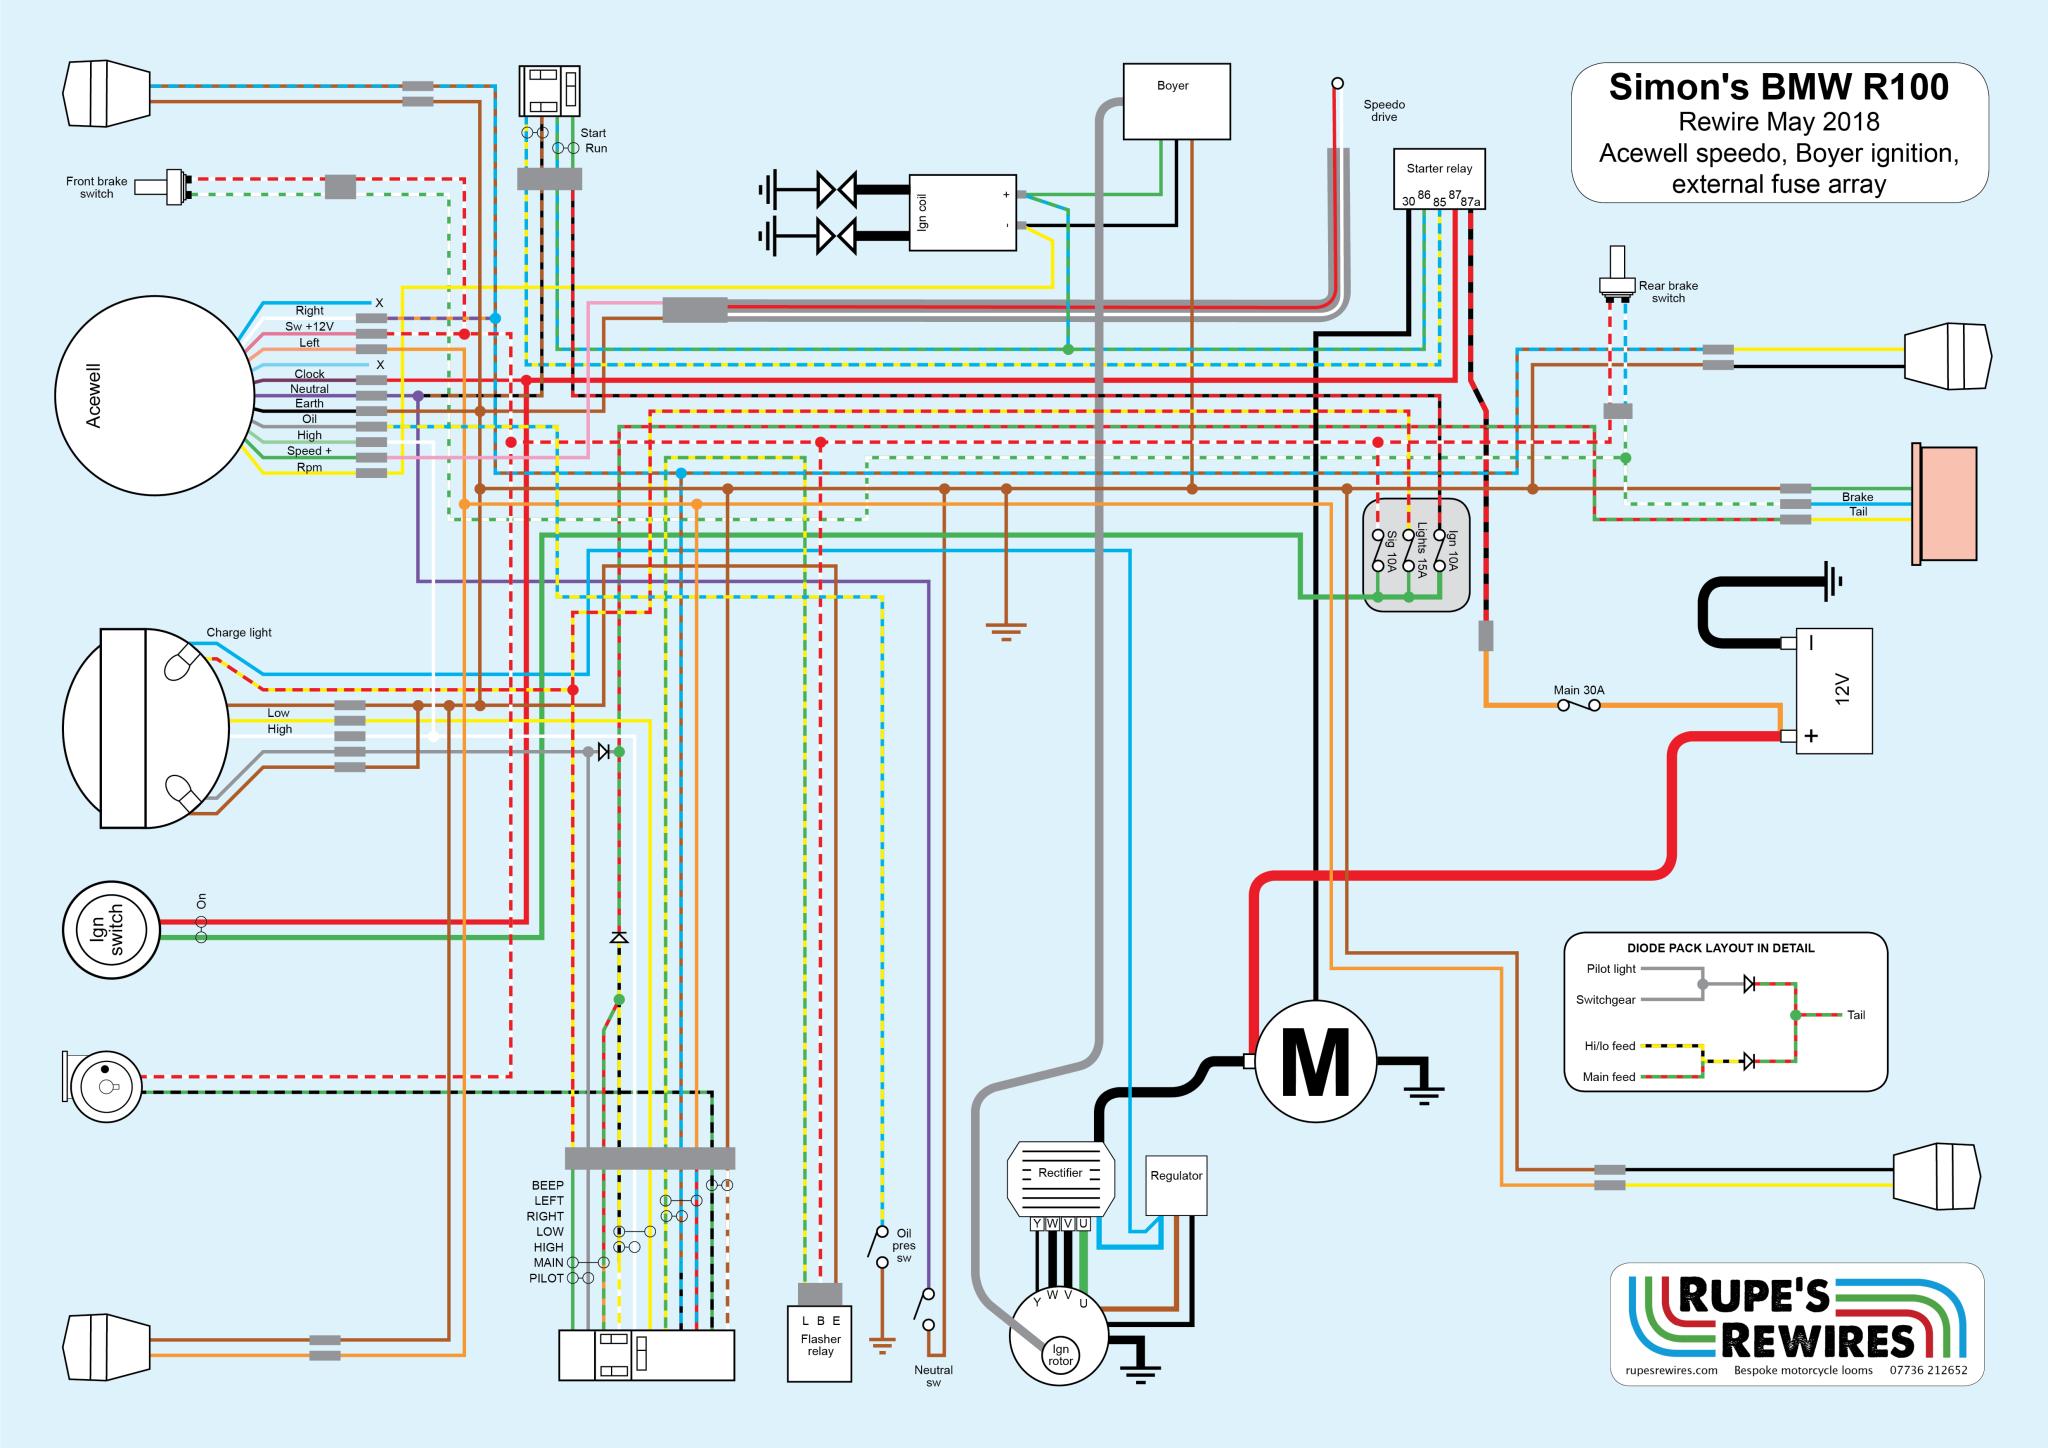 BMW R100 cafe racer custom wiring loom   Bmw R100 Wiring Diagram      Rupe's Rewires